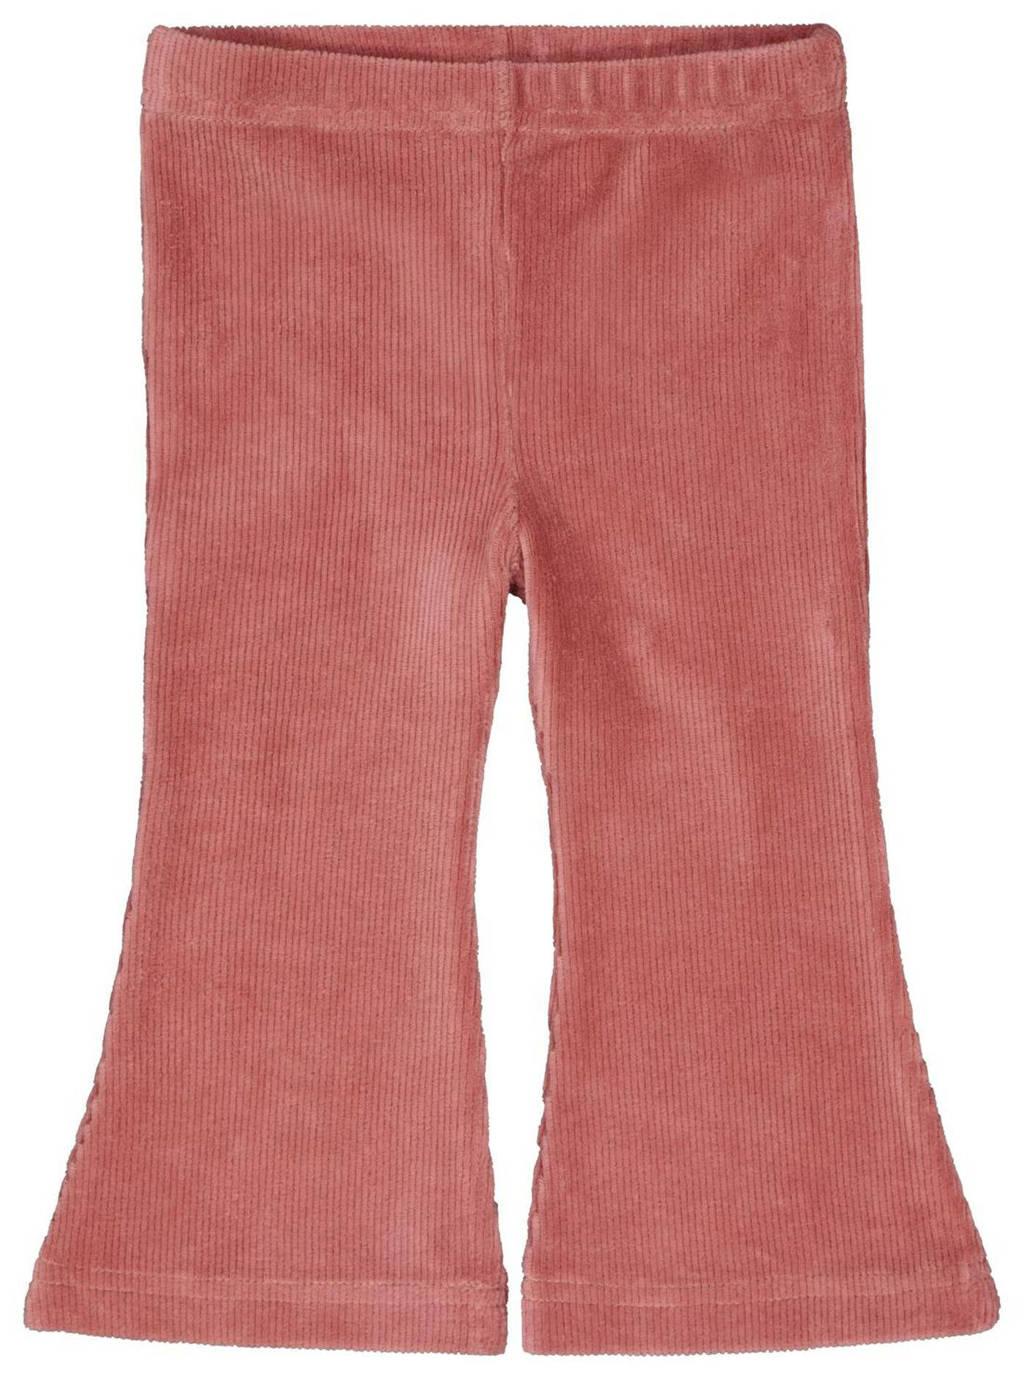 HEMA flared broek oudroze, Oudroze